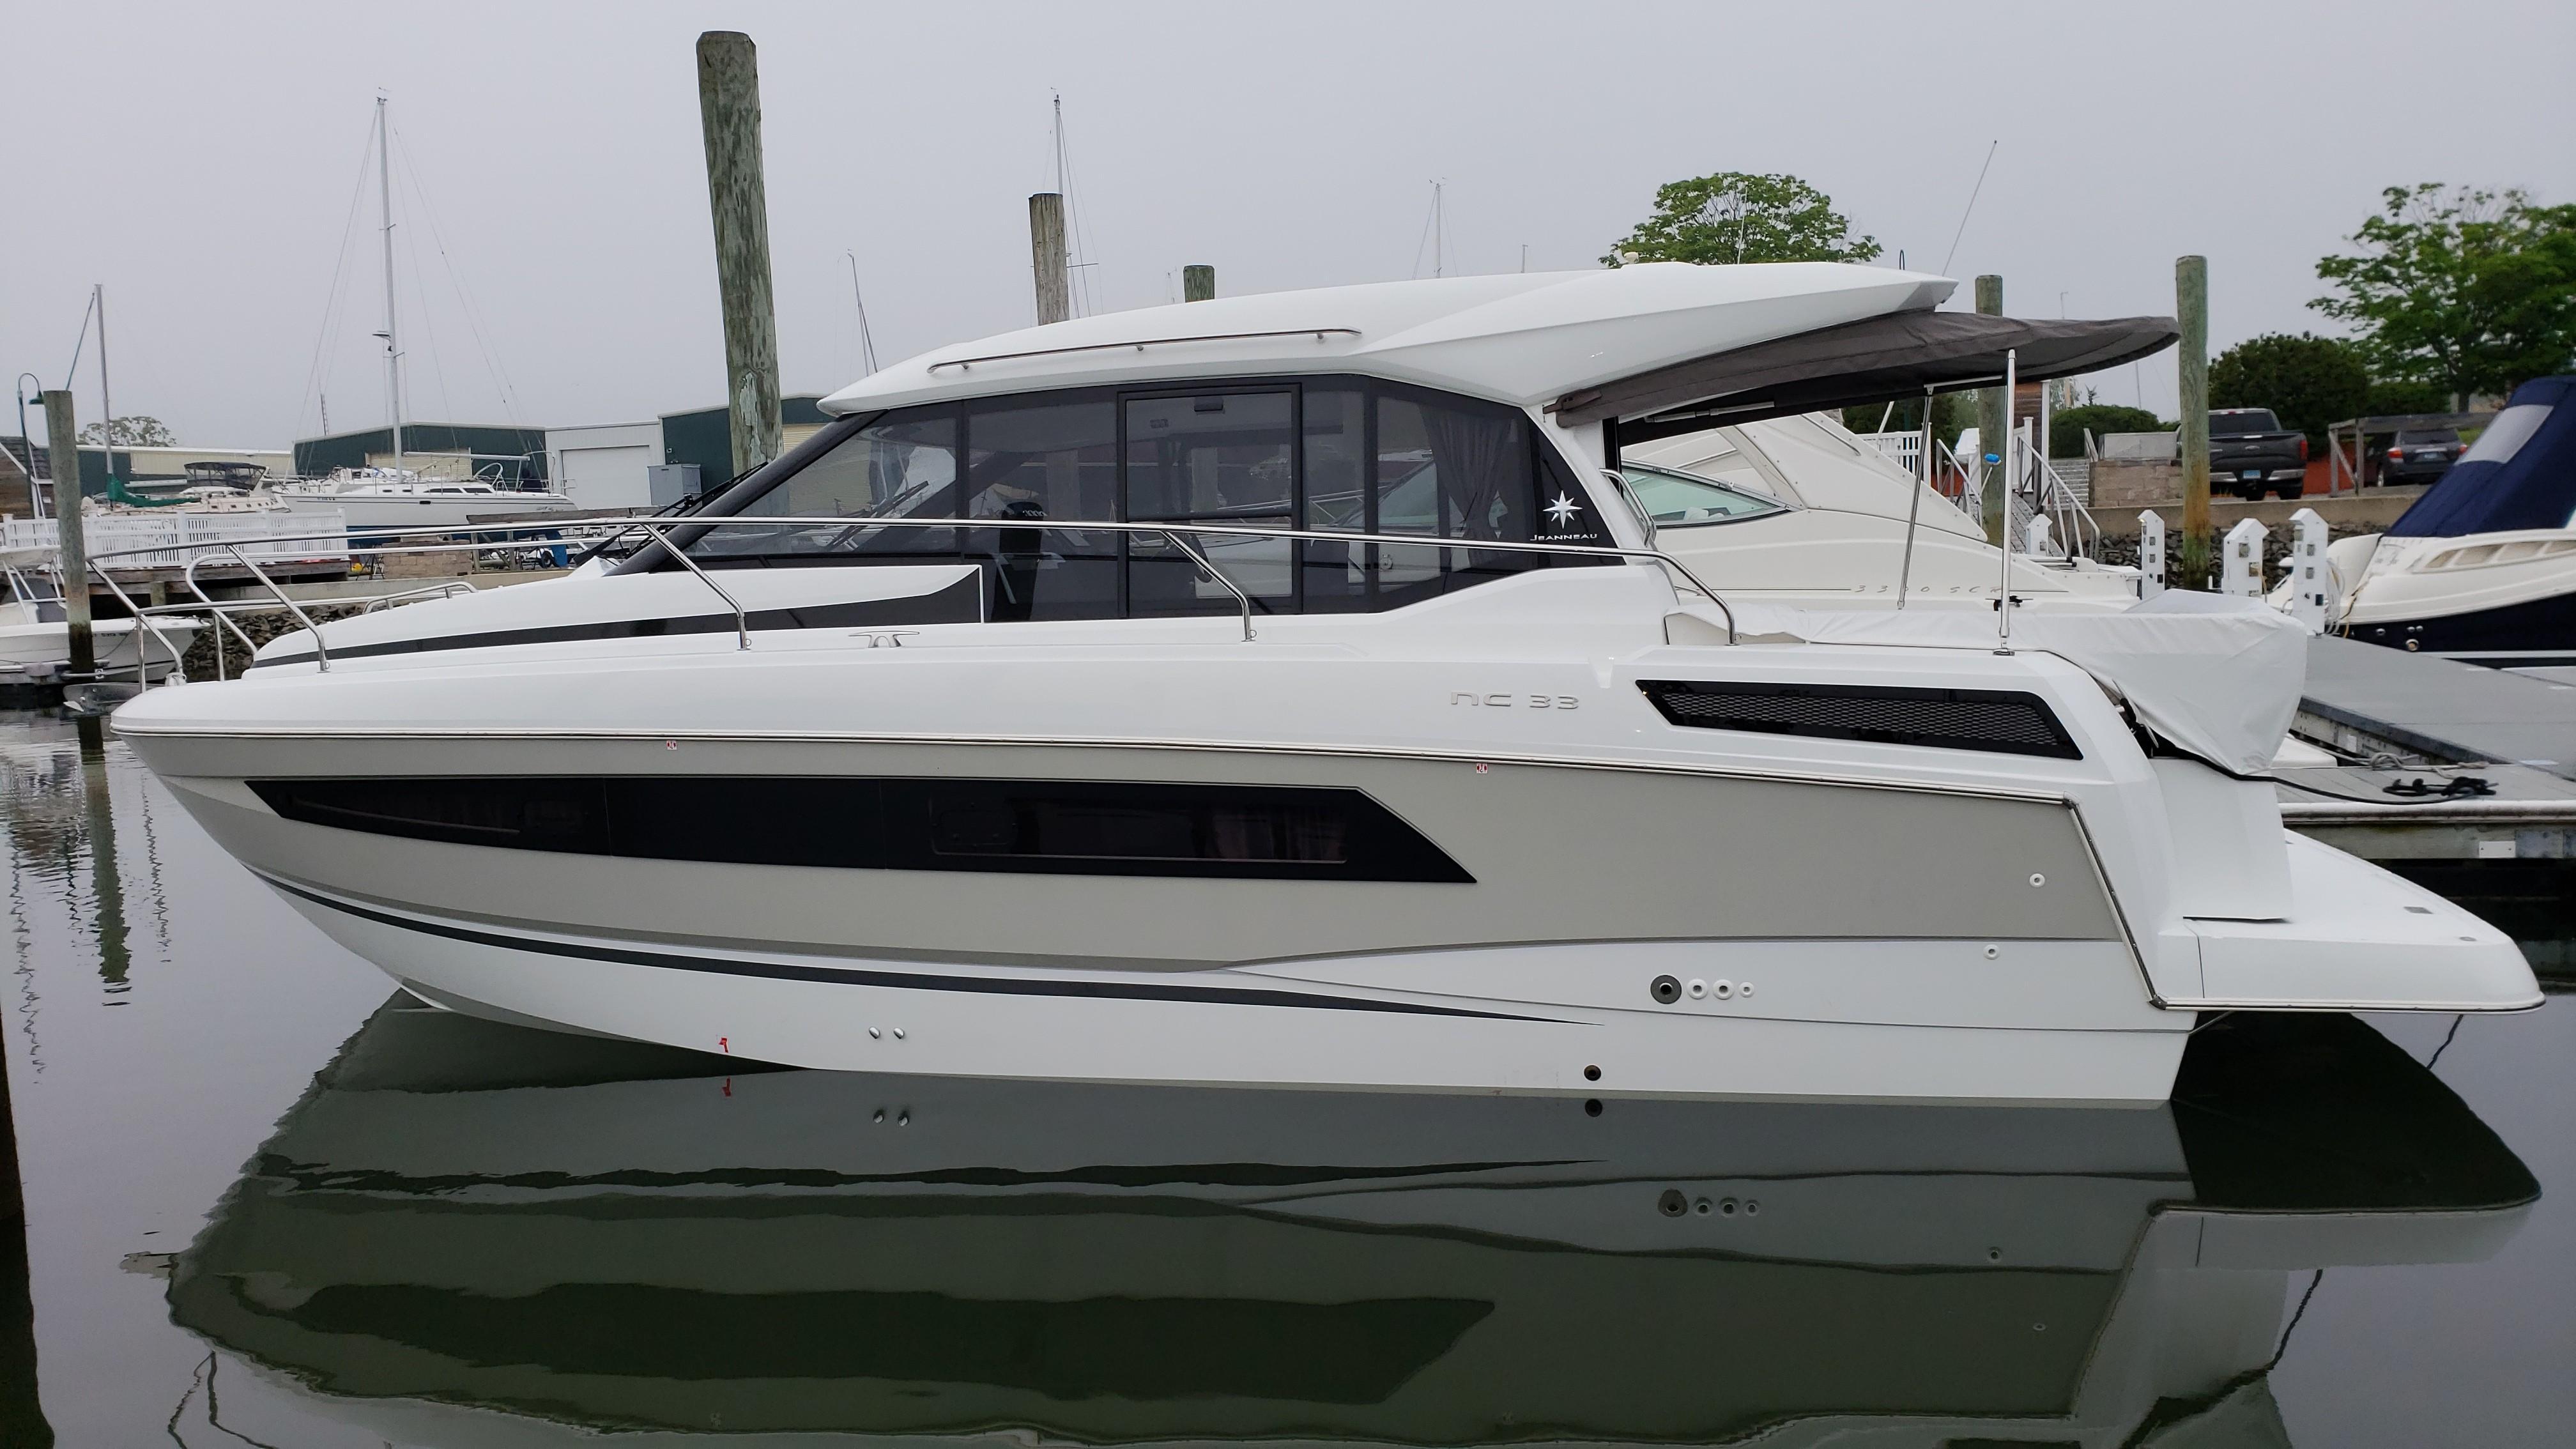 New Jeanneau Boats For Sale - Louis Marine Ltd